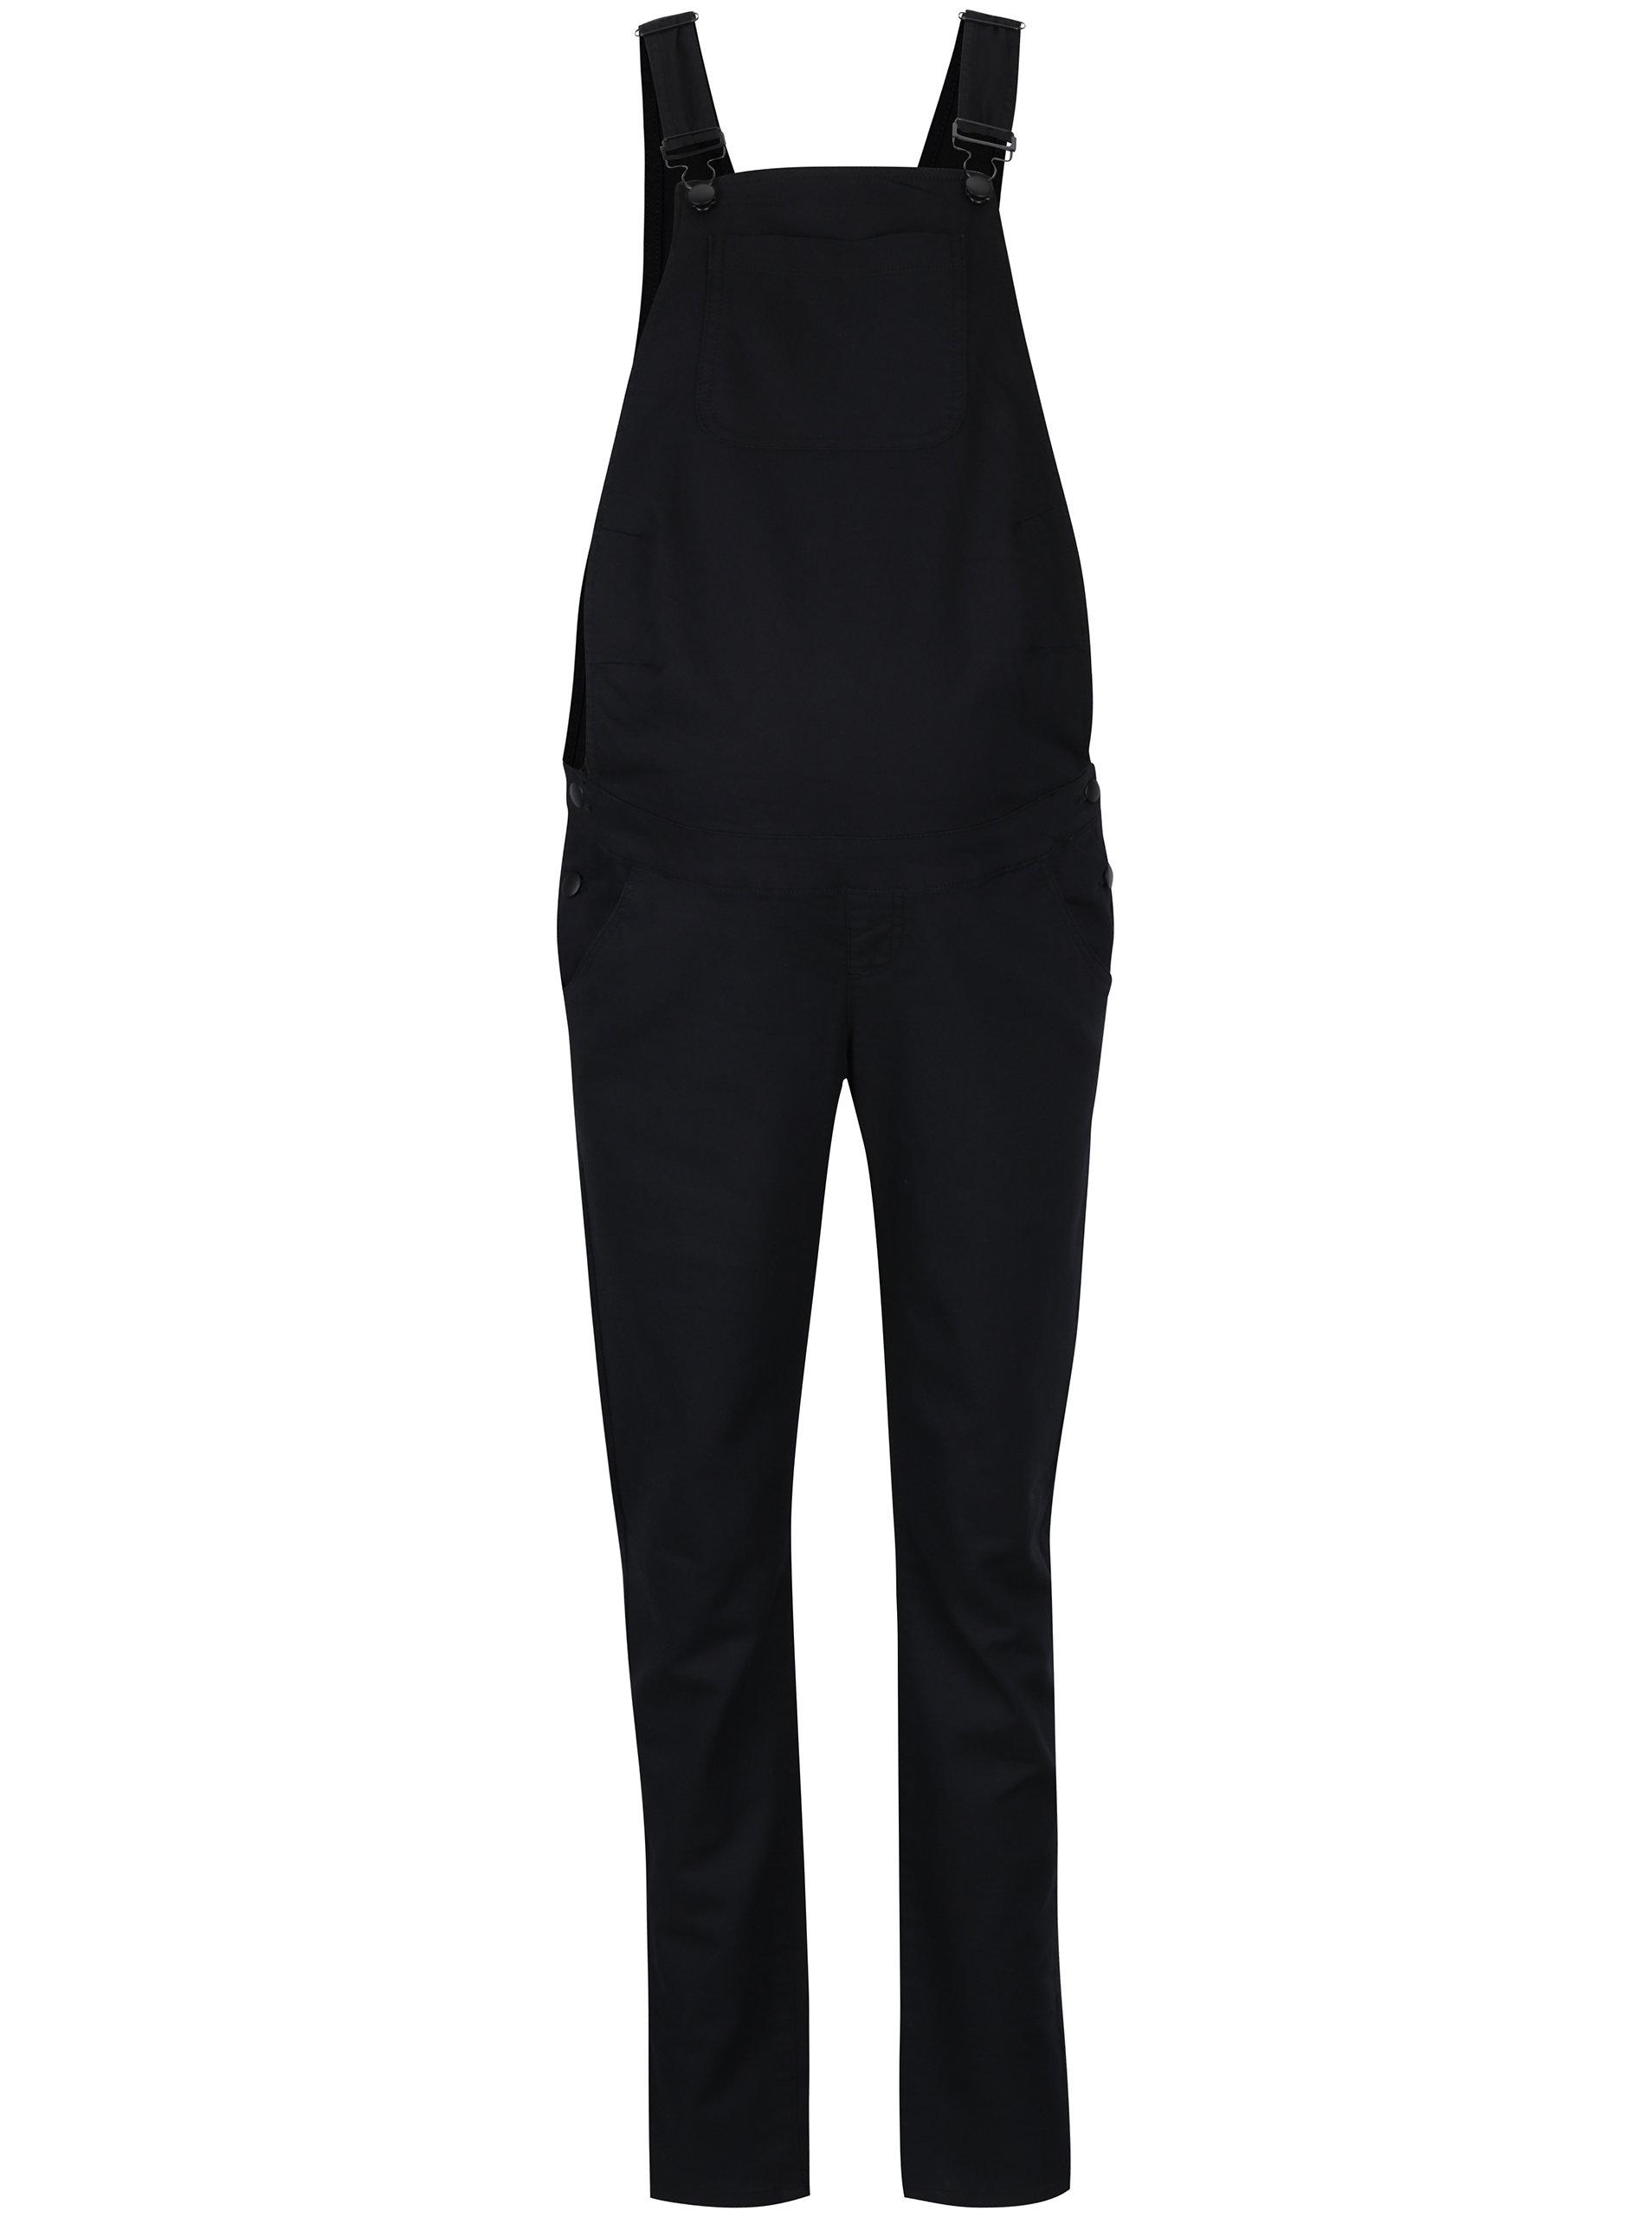 c9d3337a9f49 Čierne rifľové tehotenské nohavice na traky Mama.licious Elly ...